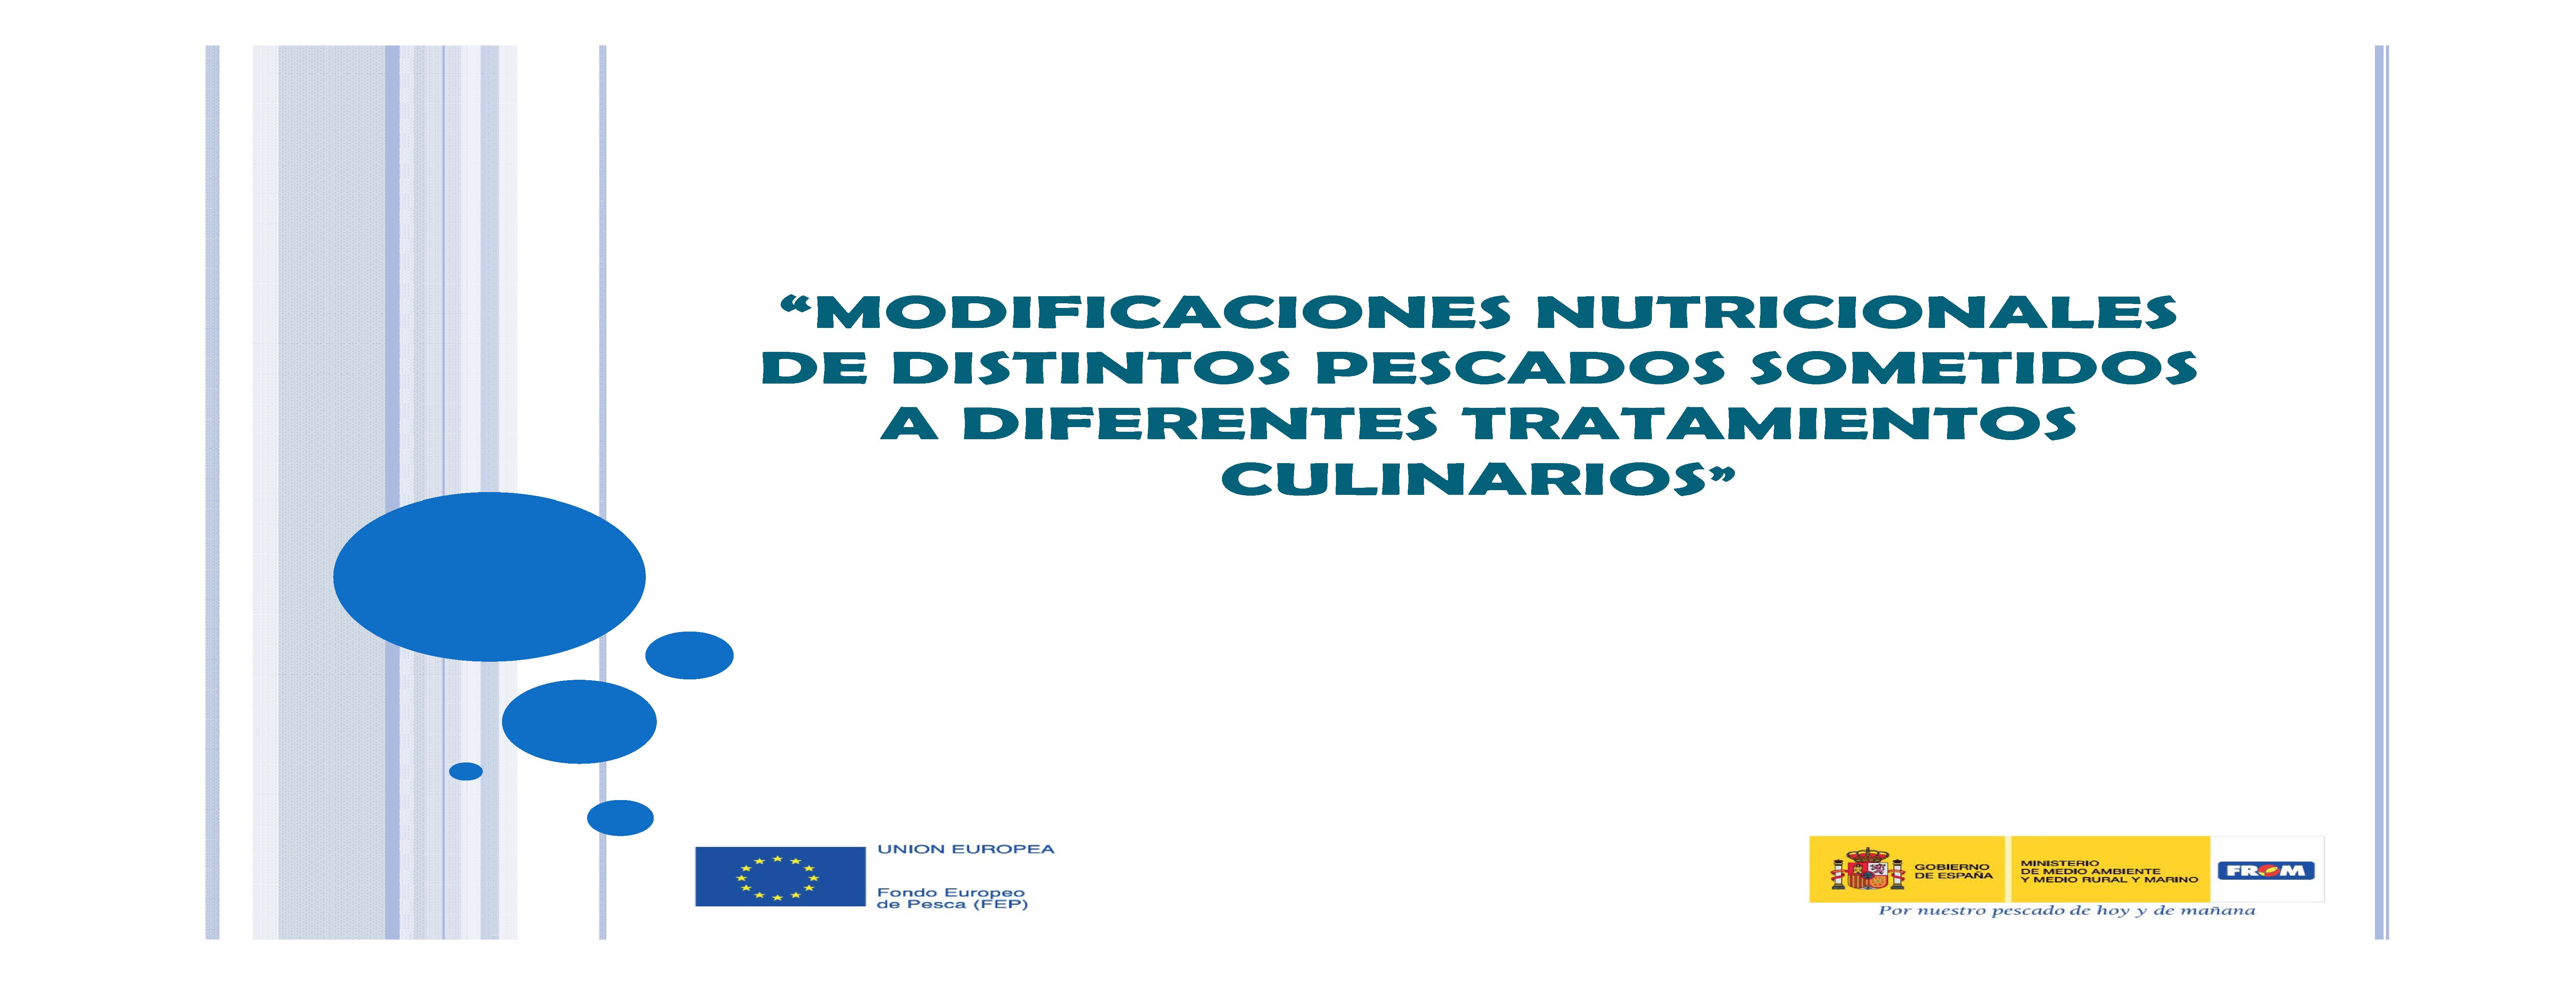 """""""MODIFICACIONES NUTRICIONALES DE DISTINTOS PESCADOS SOMETIDOS A DIFERENTES TRATAMIENTOS CULINARIOS"""""""